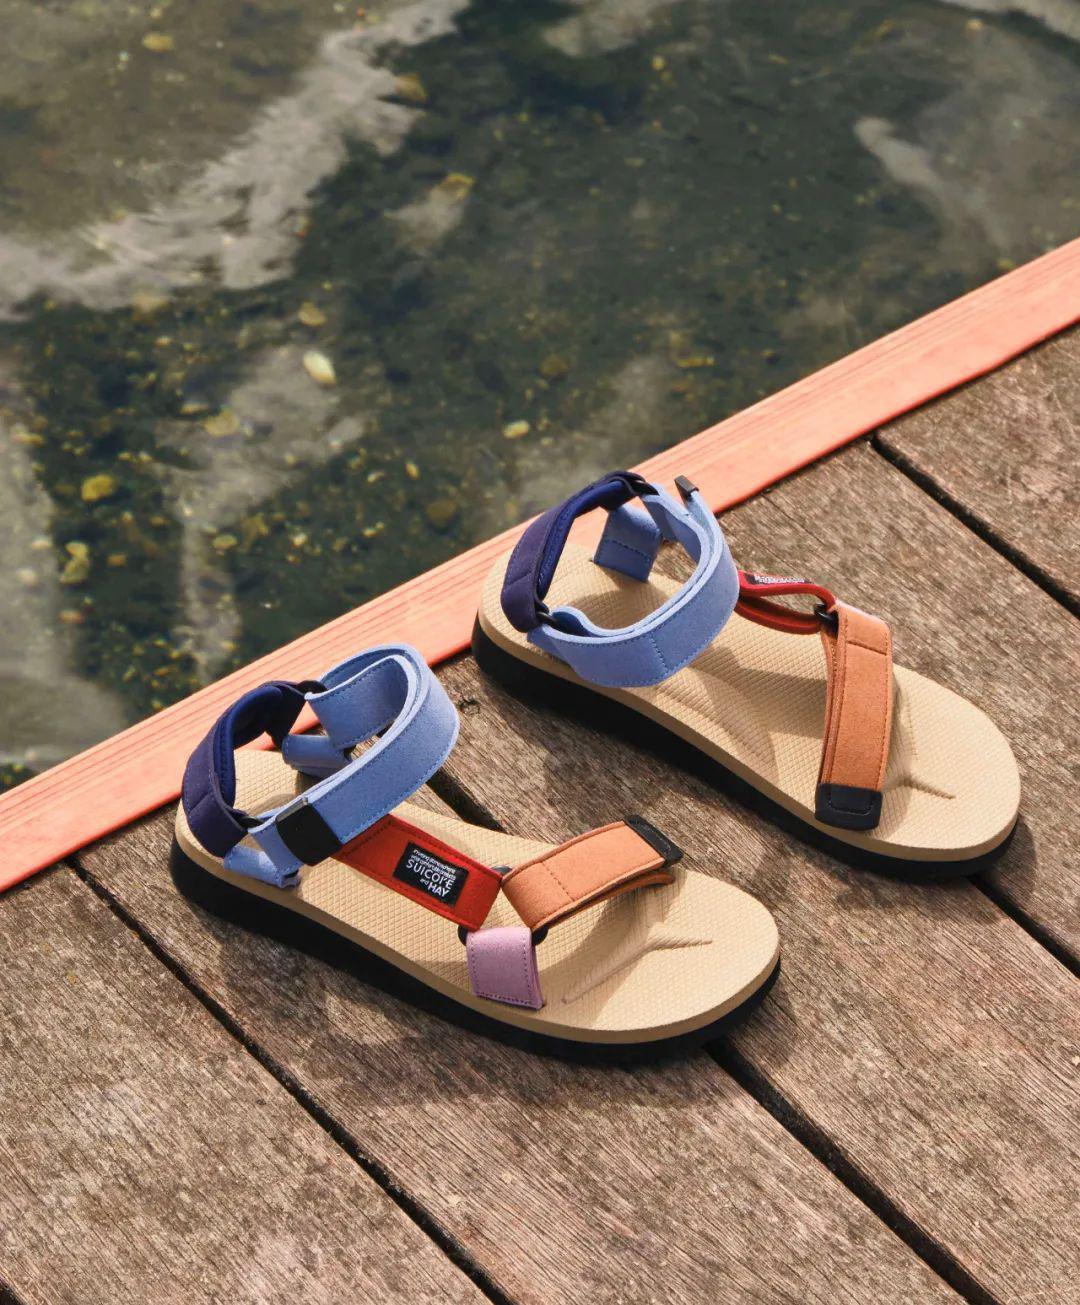 SUICOKE 与丹麦生活家居品牌 HAY 联手推出 DEPA 联乘鞋款……